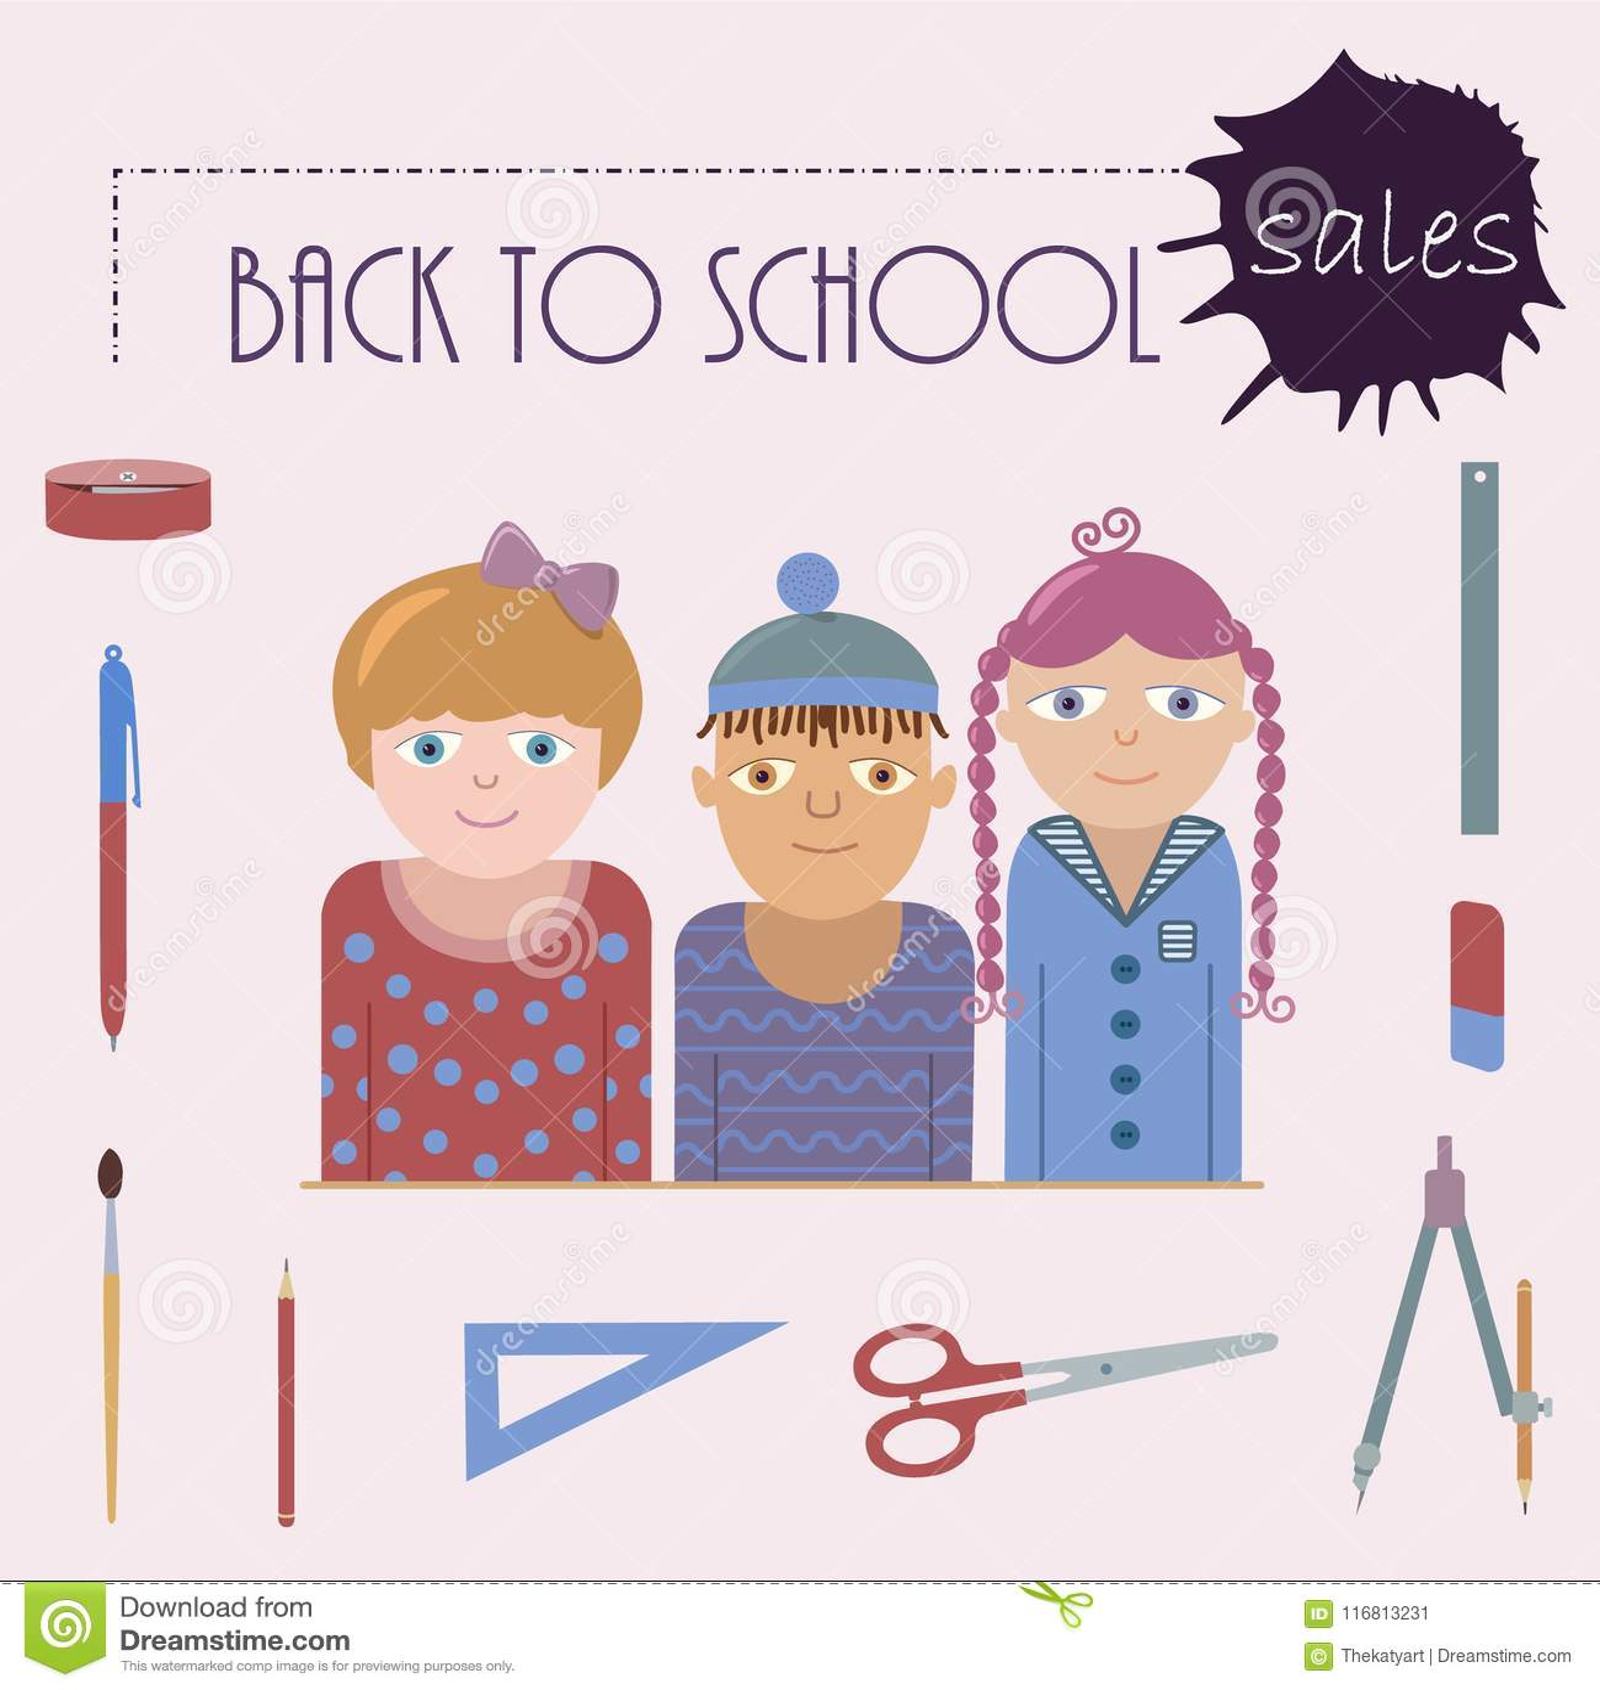 Affiche die terug naar schoolverkoop vertegenwoordigen